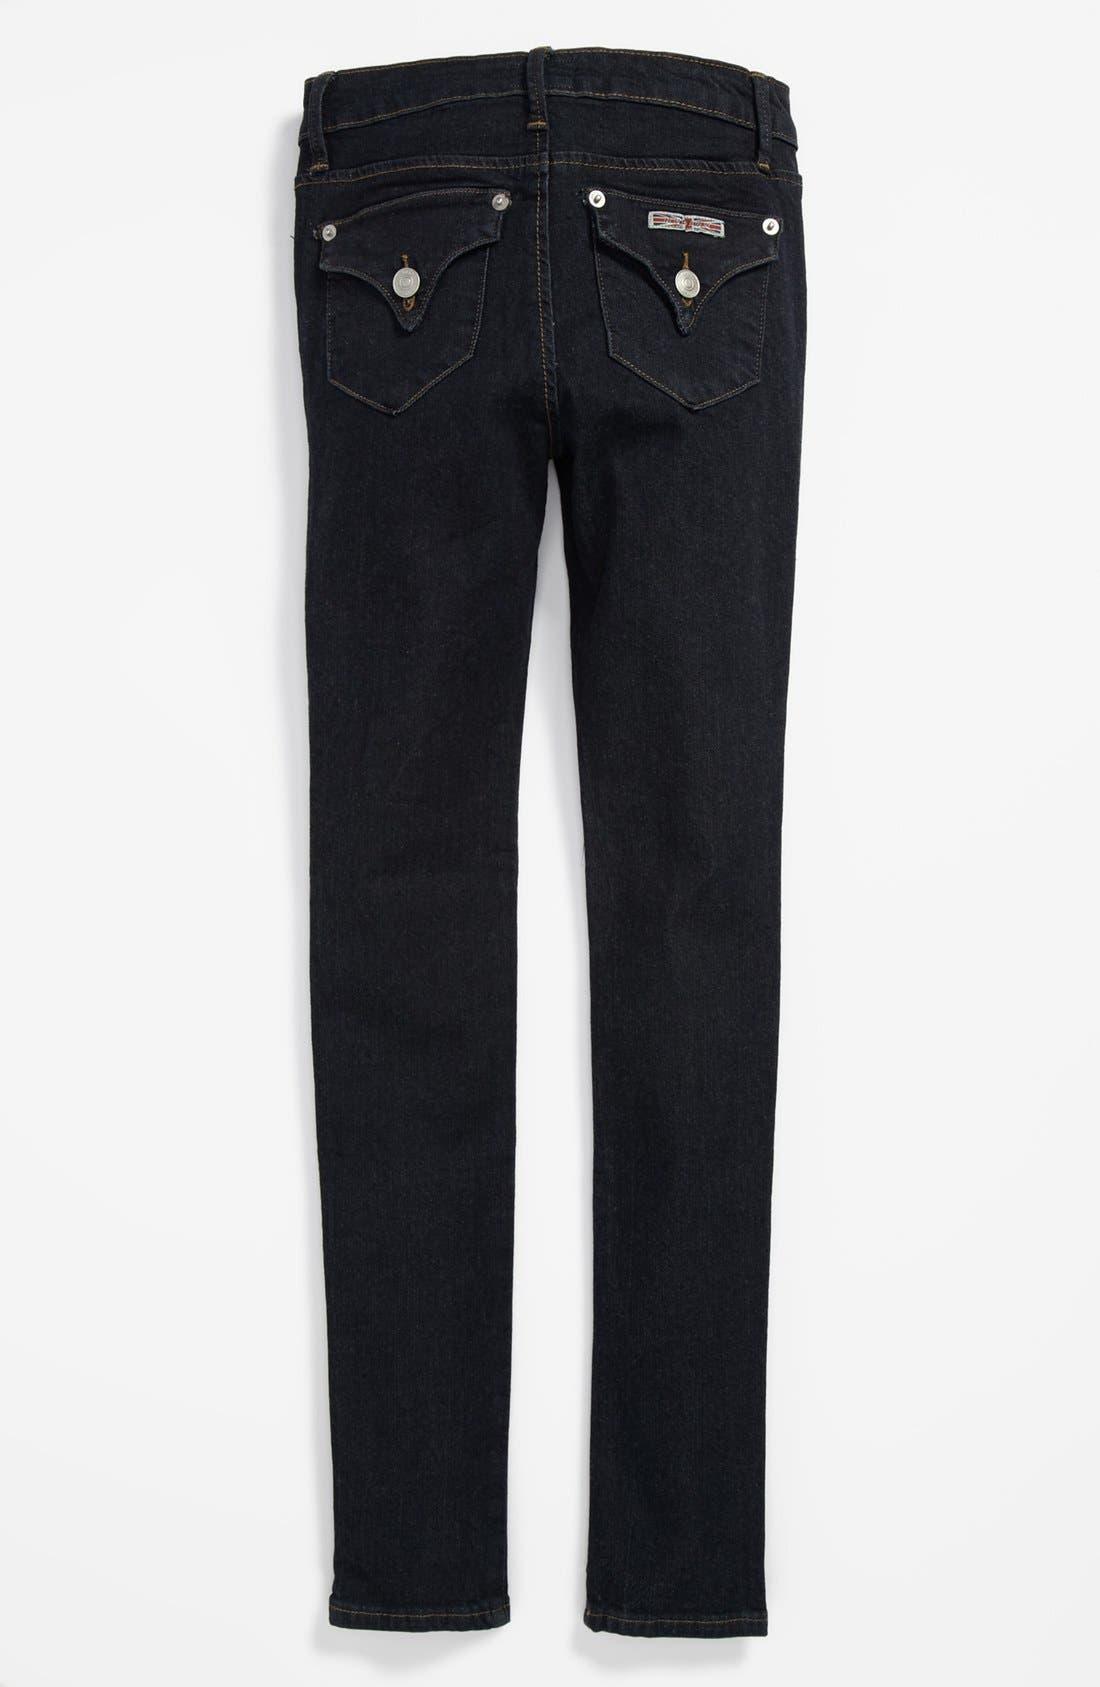 Alternate Image 1 Selected - Hudson Kids 'Collin' Skinny Jeans (Big Girls) (Online Only)